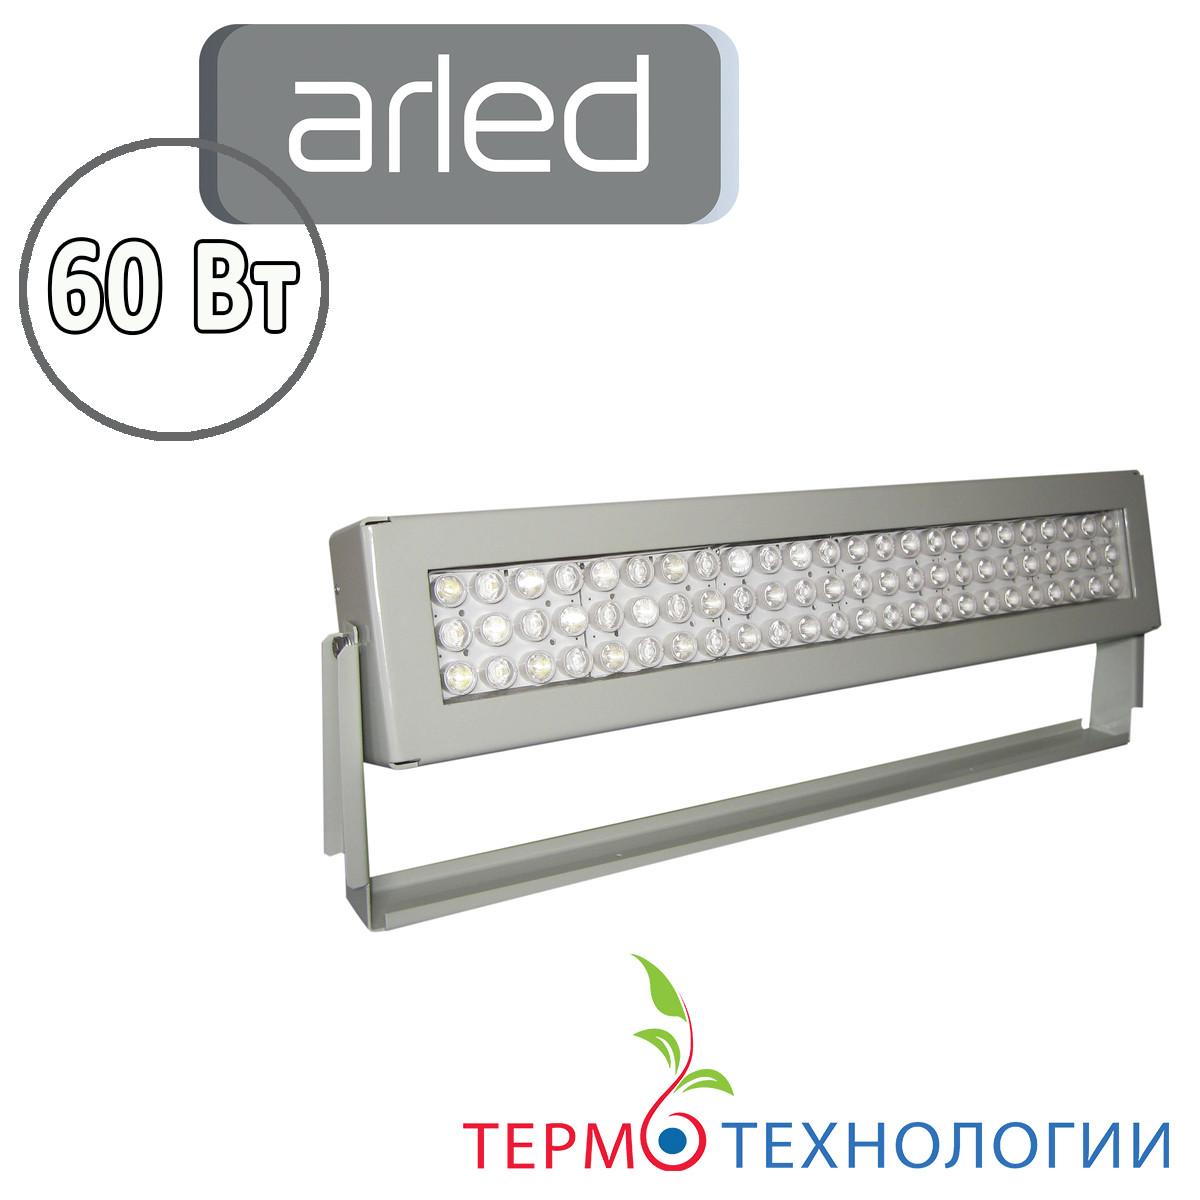 Светодиодный светильник Arled Lens 60 Вт